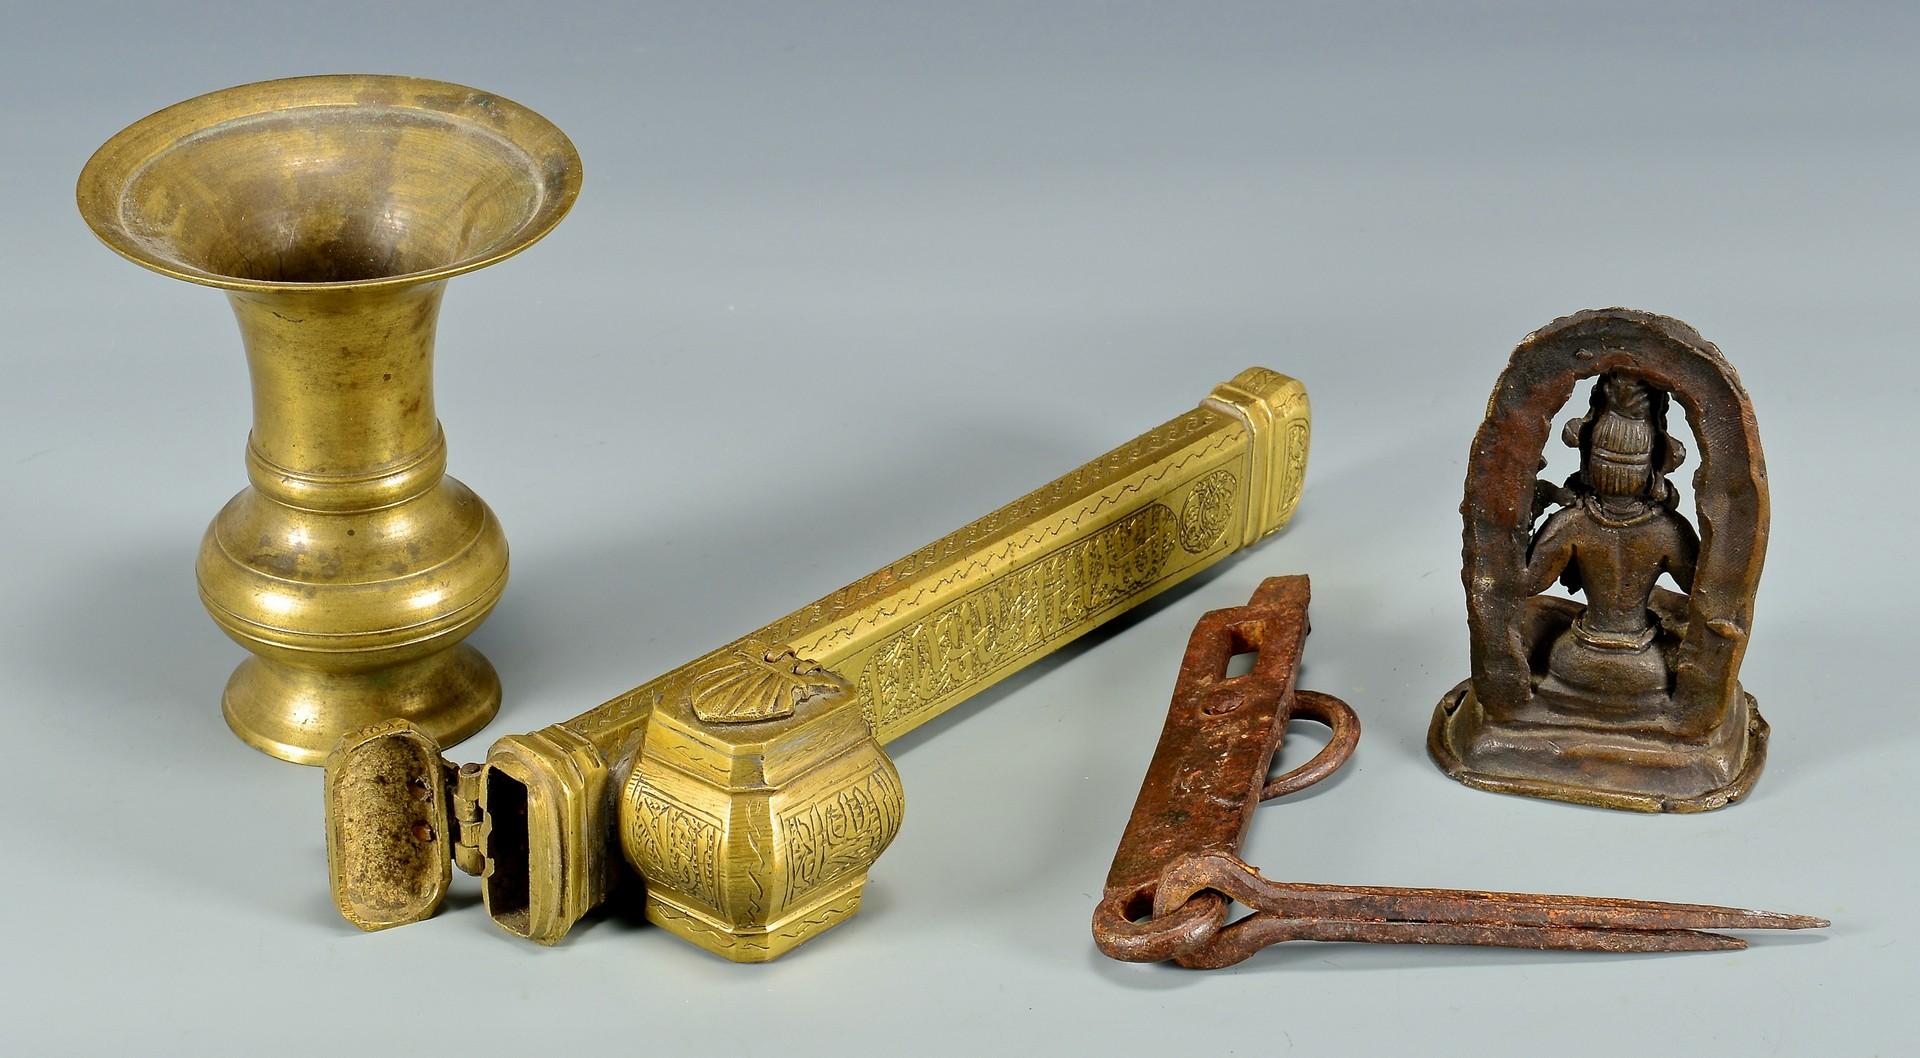 Lot 4010187: Group of Asian Metal Items, 8 pcs.